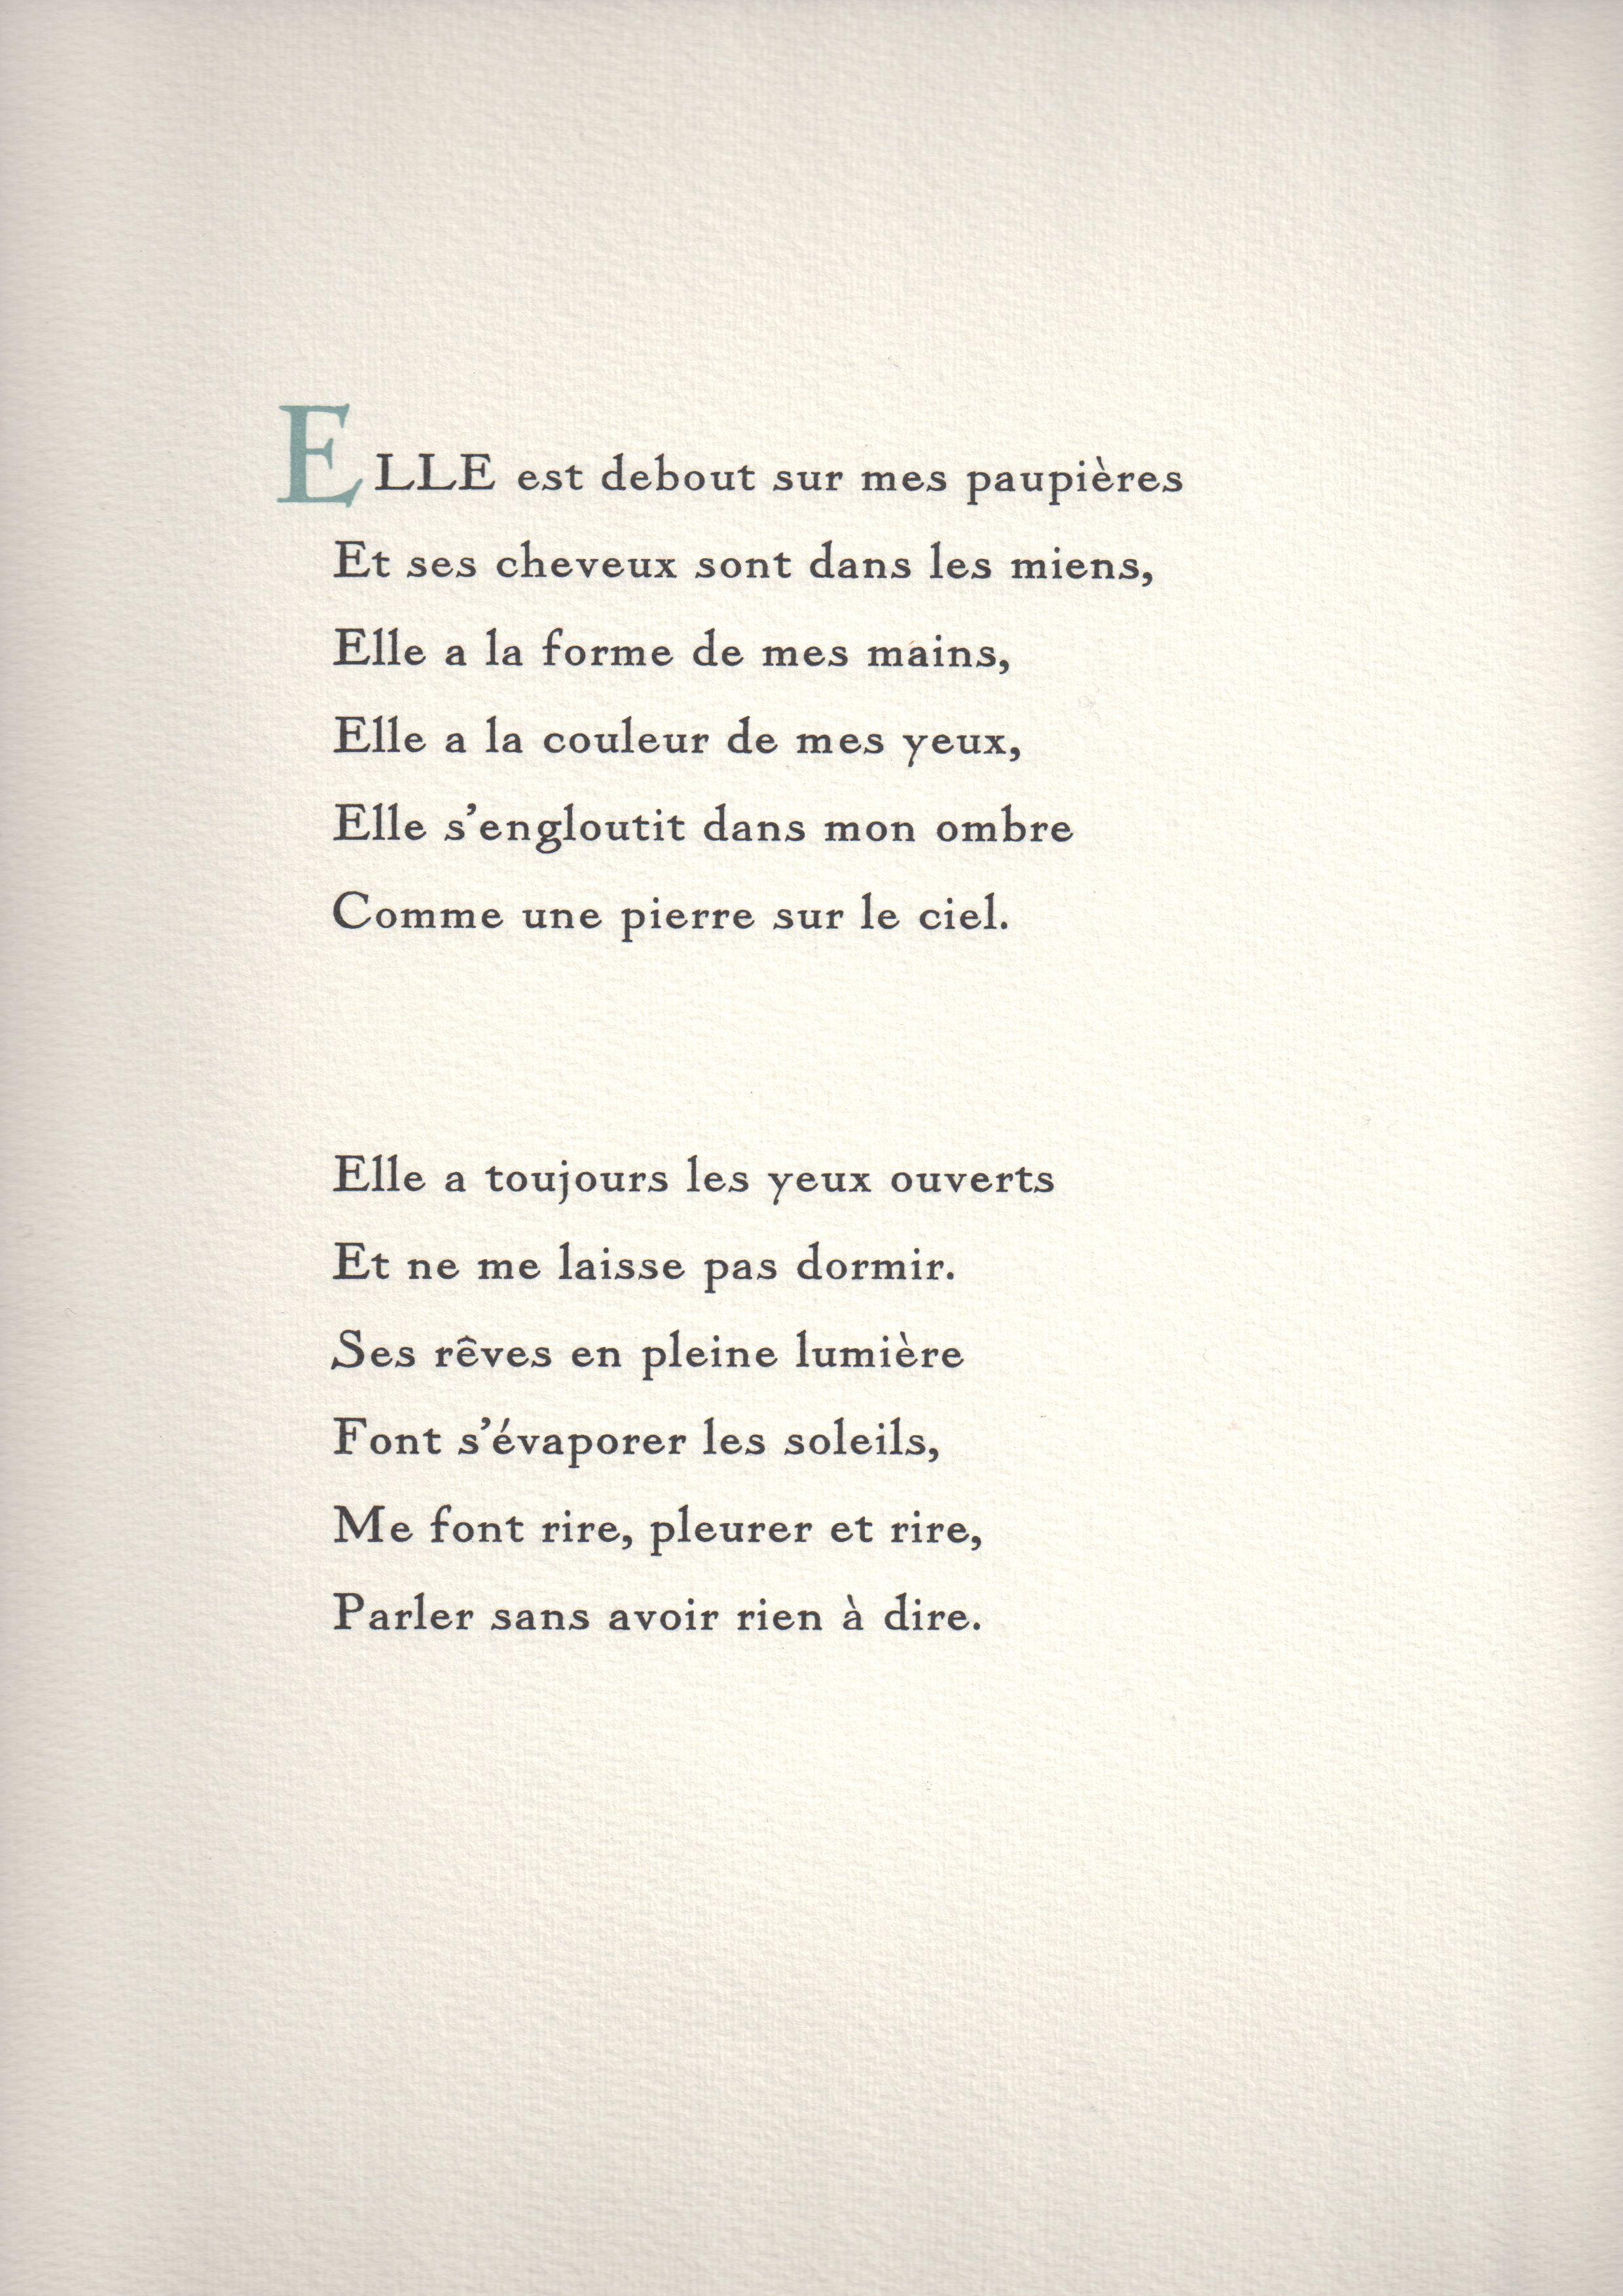 Lady Love Tirage Confidentiel Bilingue Traduction De Samuel Beckett D Un Tres Beau Poeme De Paul Eluard Compose A La Main En Beaux Poemes Jolis Mots Eluard